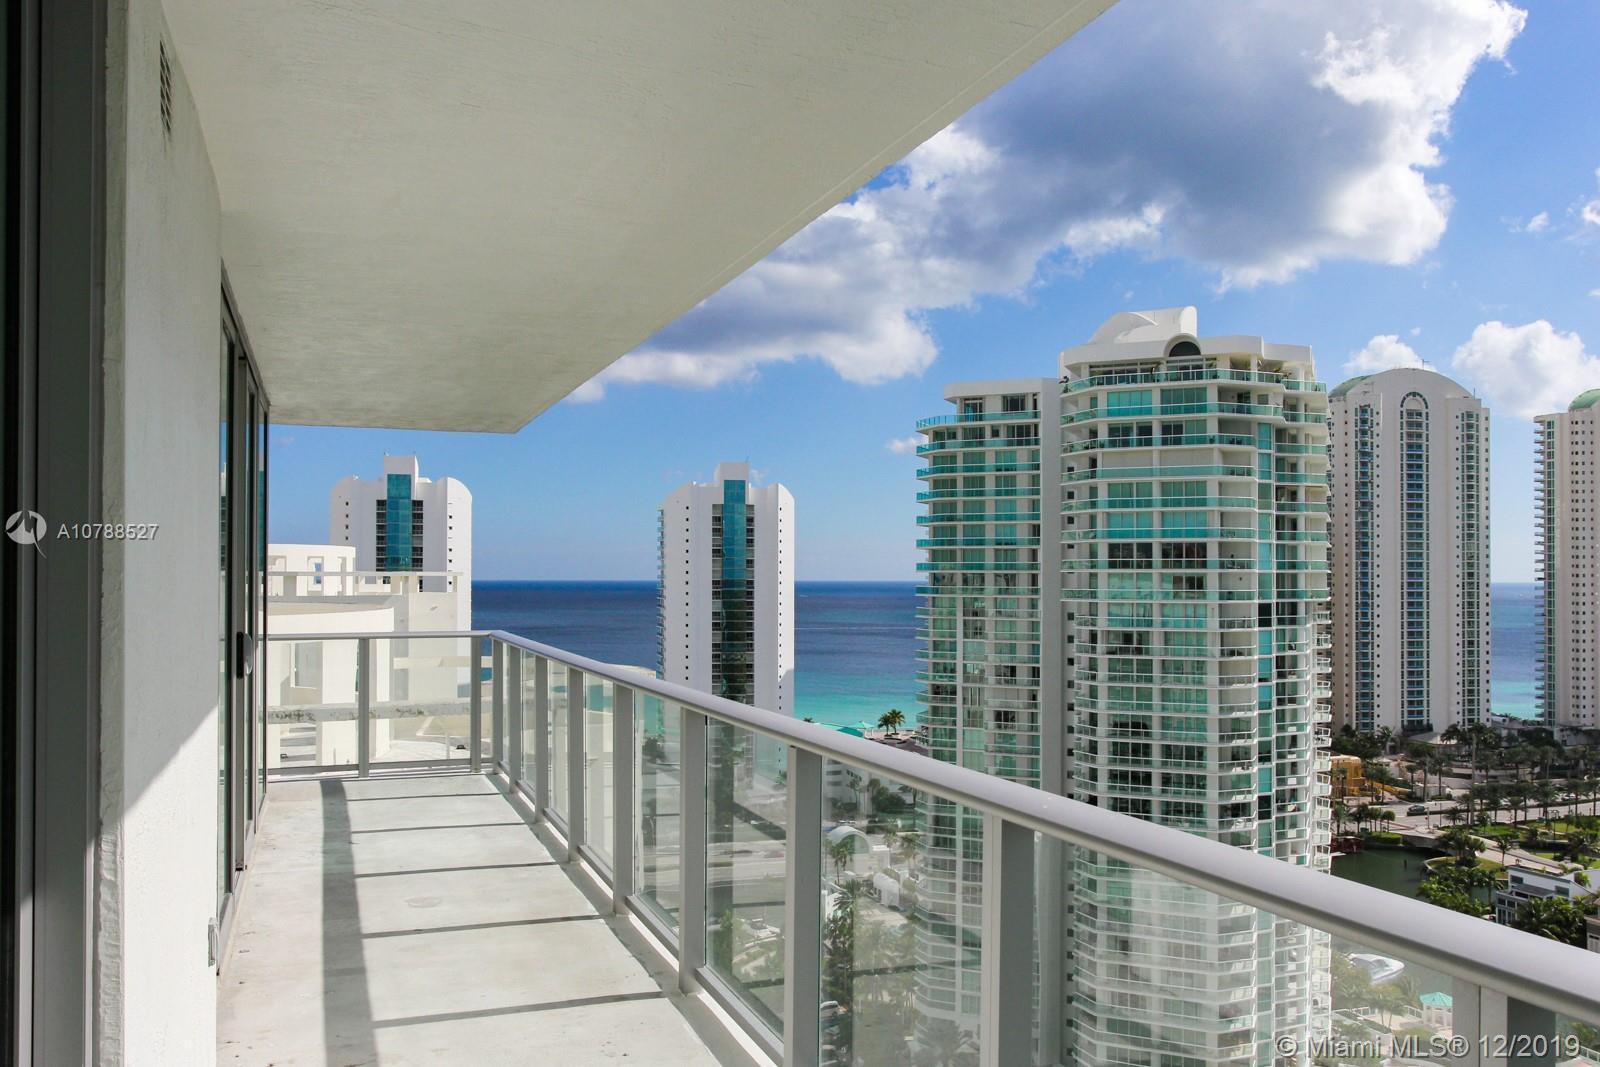 300 Sunny Isles Blvd #2202, Sunny Isles Beach FL 33160